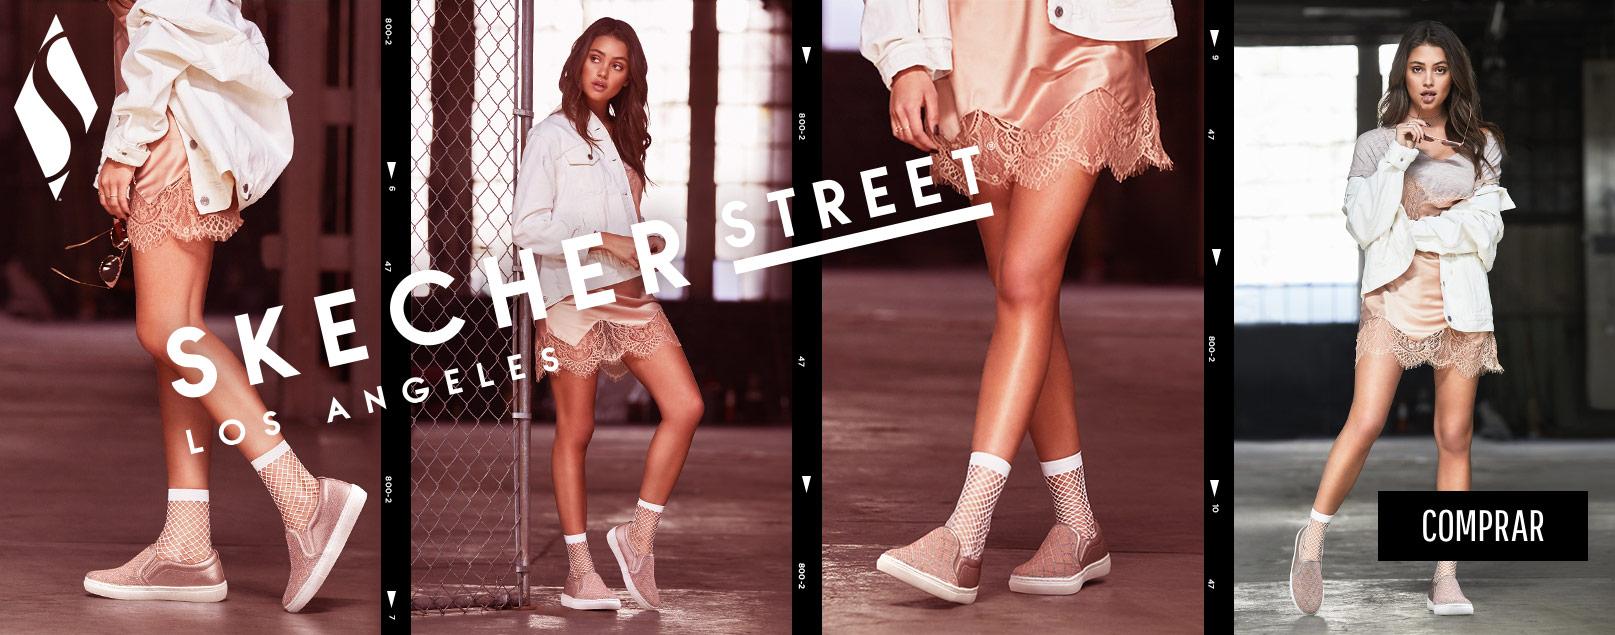 Skechers Street, zapatillas de mujer de moda